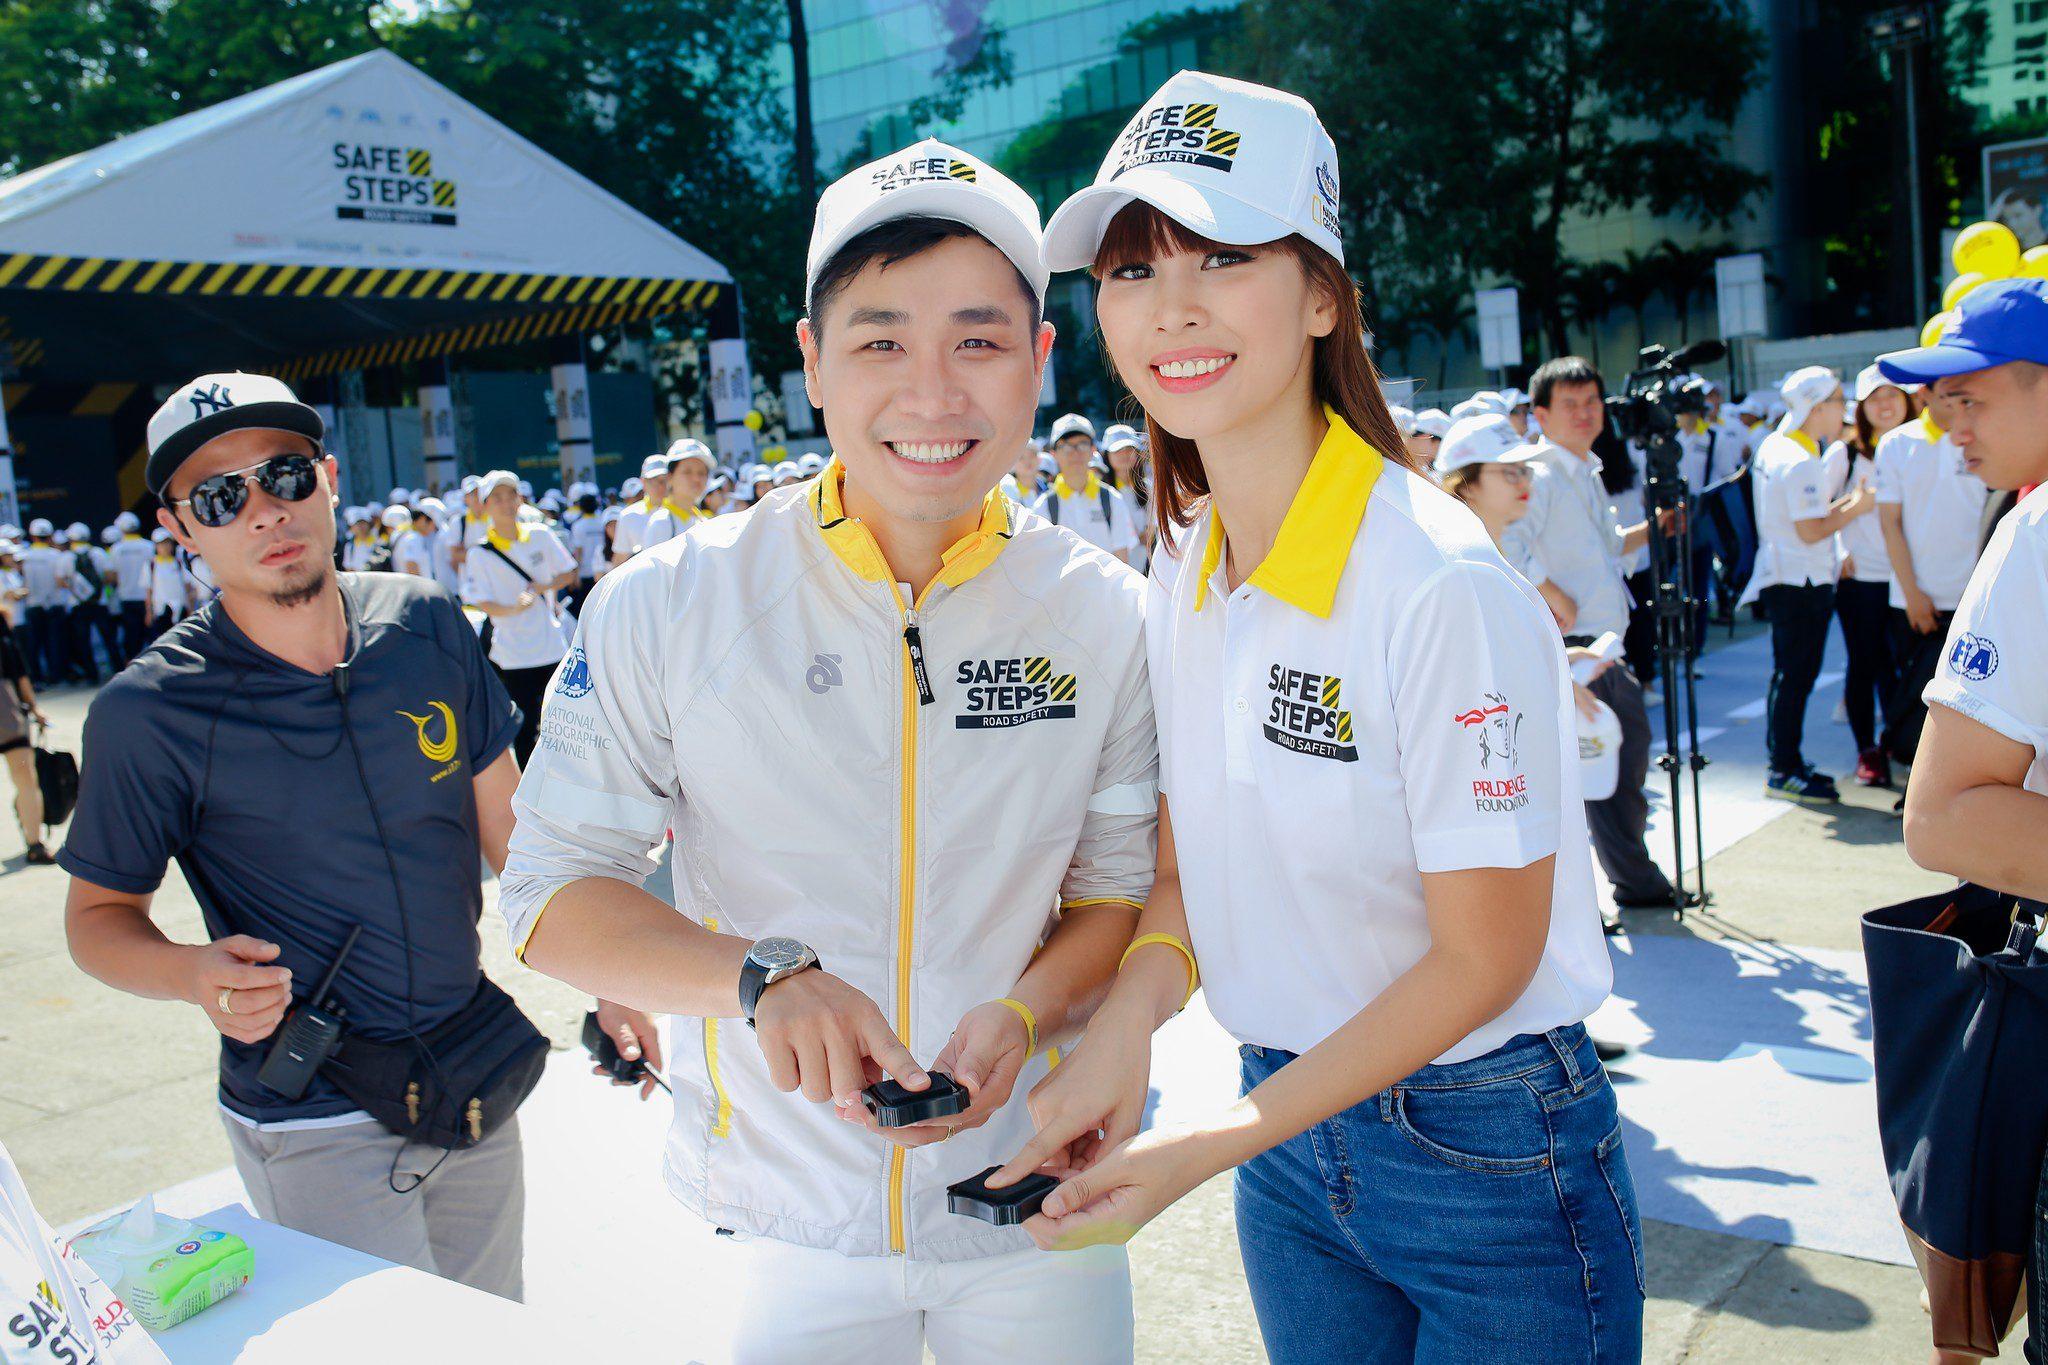 Ao thun Safe steps Road Safety 8 - Bừng sáng sự kiện Safe Steps của Liên Hợp Quốc tại Việt Nam với áo thun sự kiện